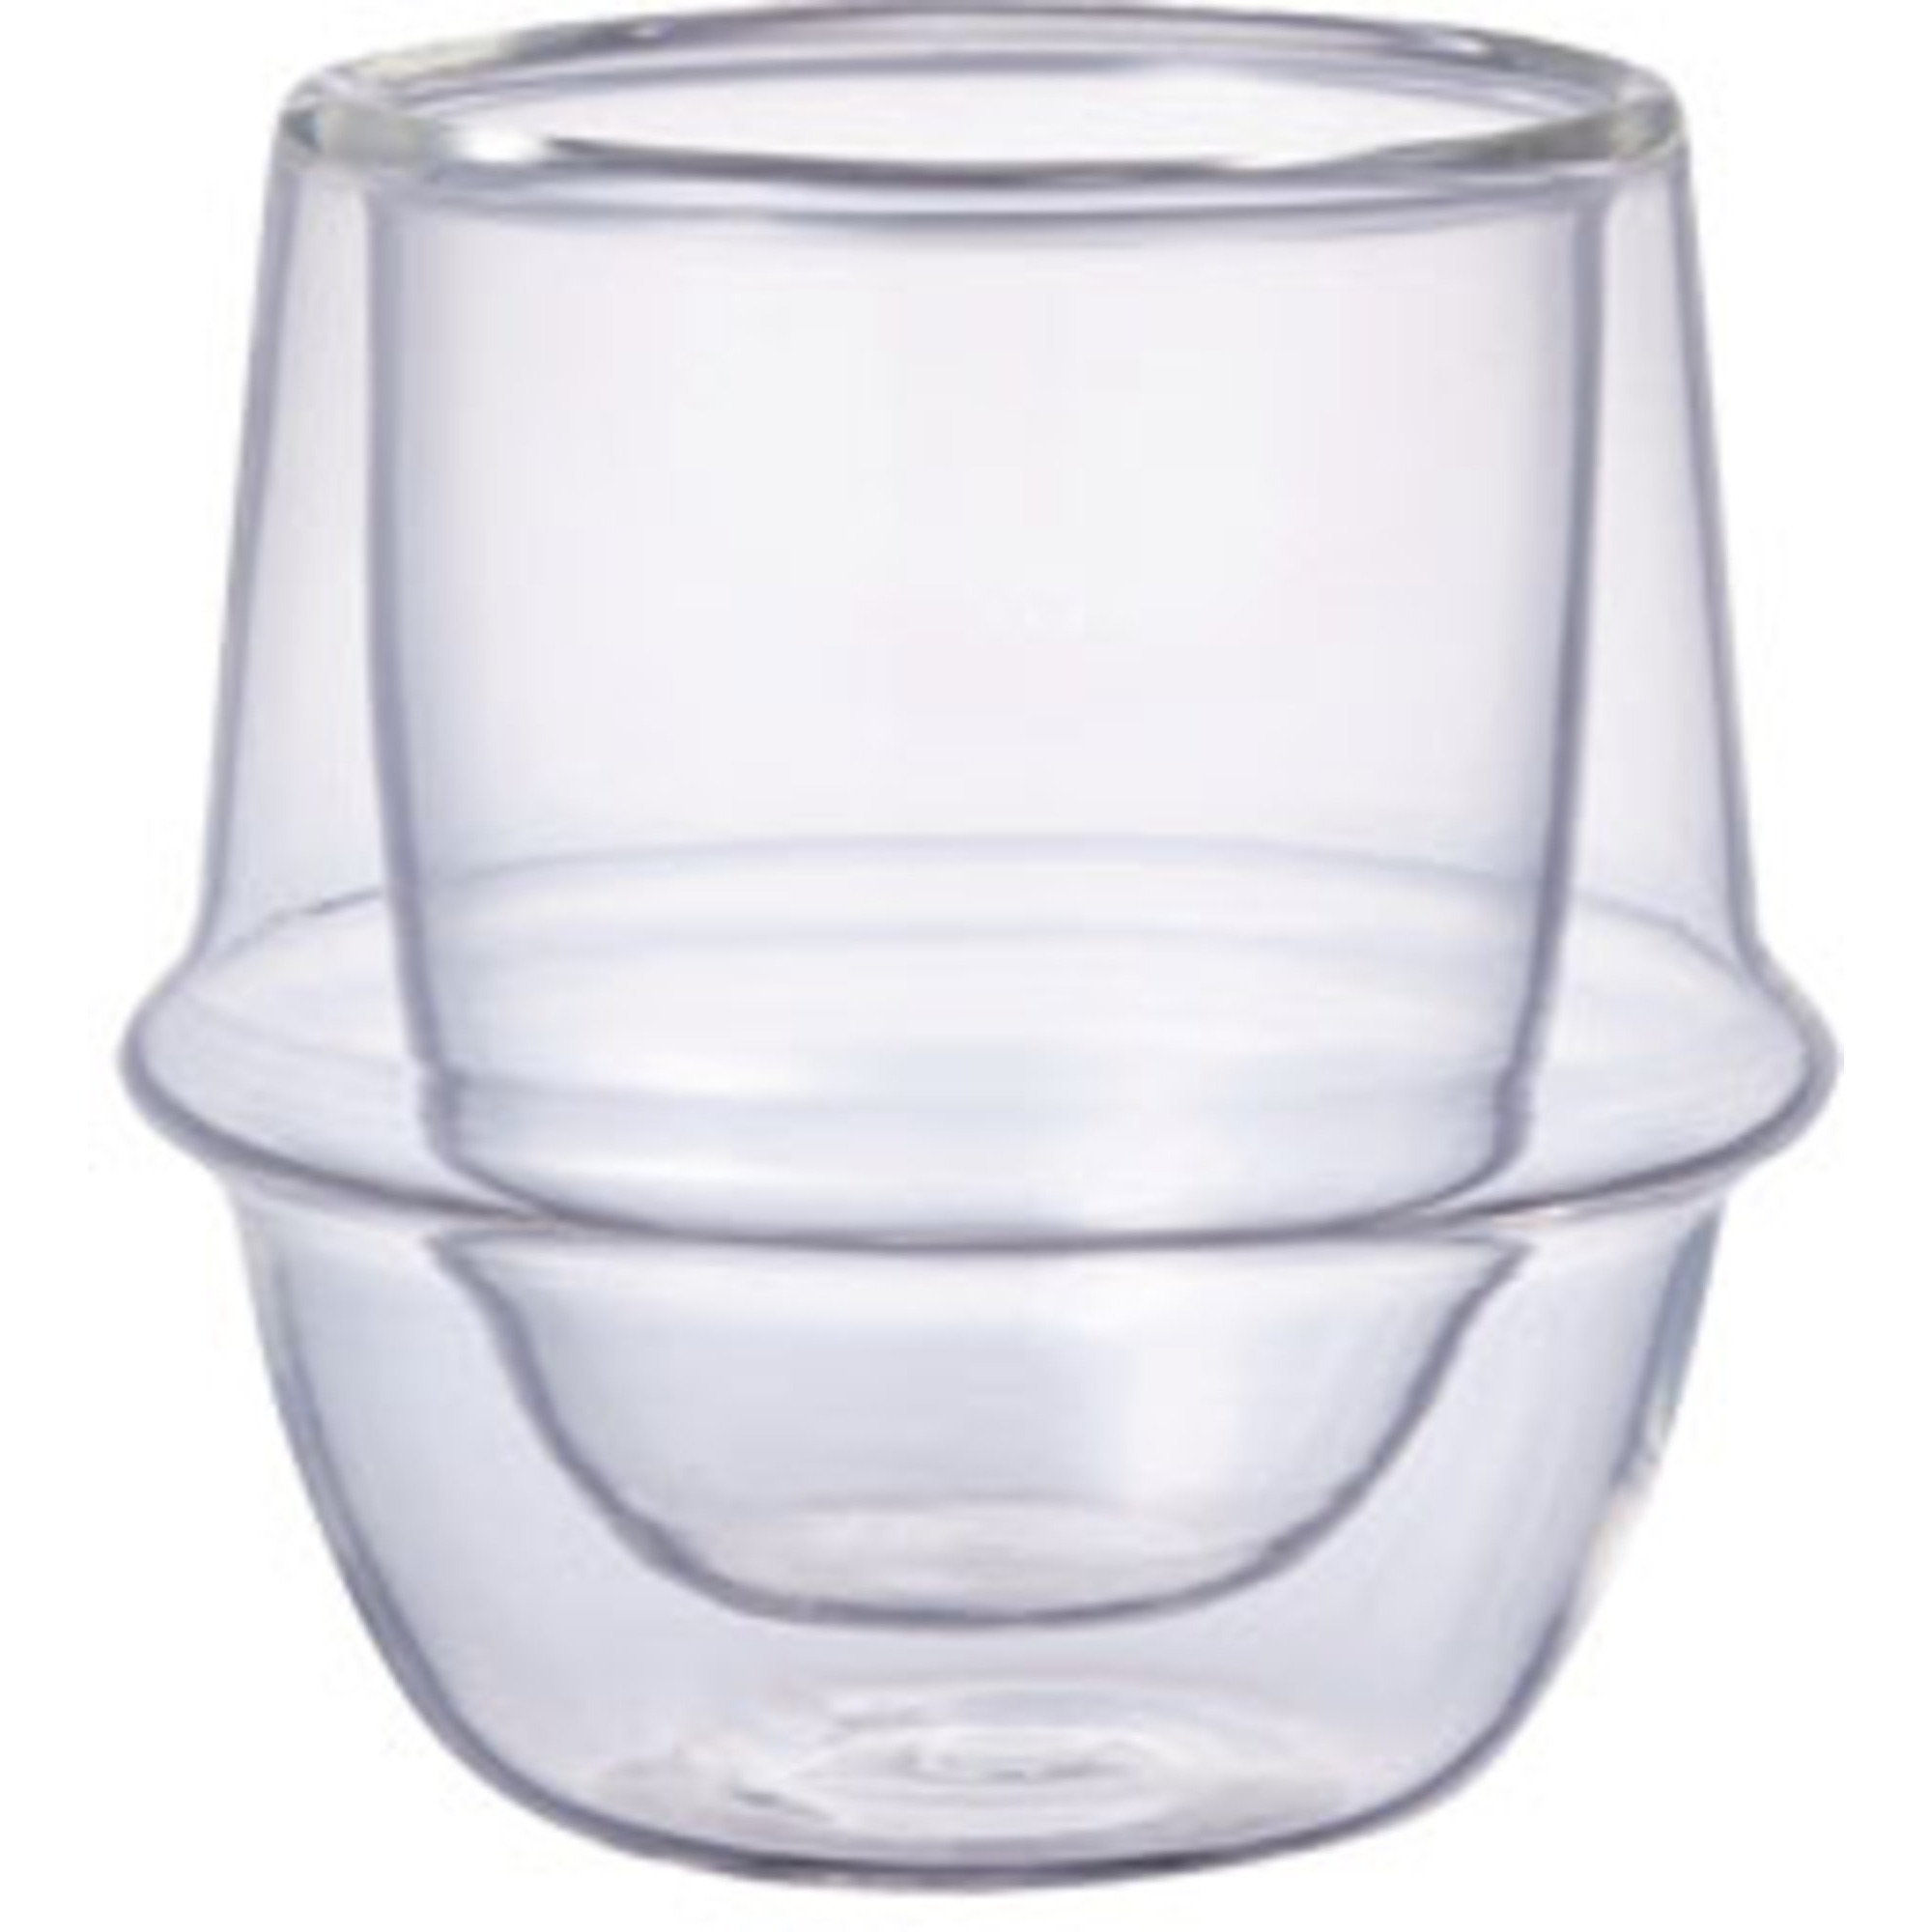 Kinto KRONOS Dubbelväggat espresso glas 80ml